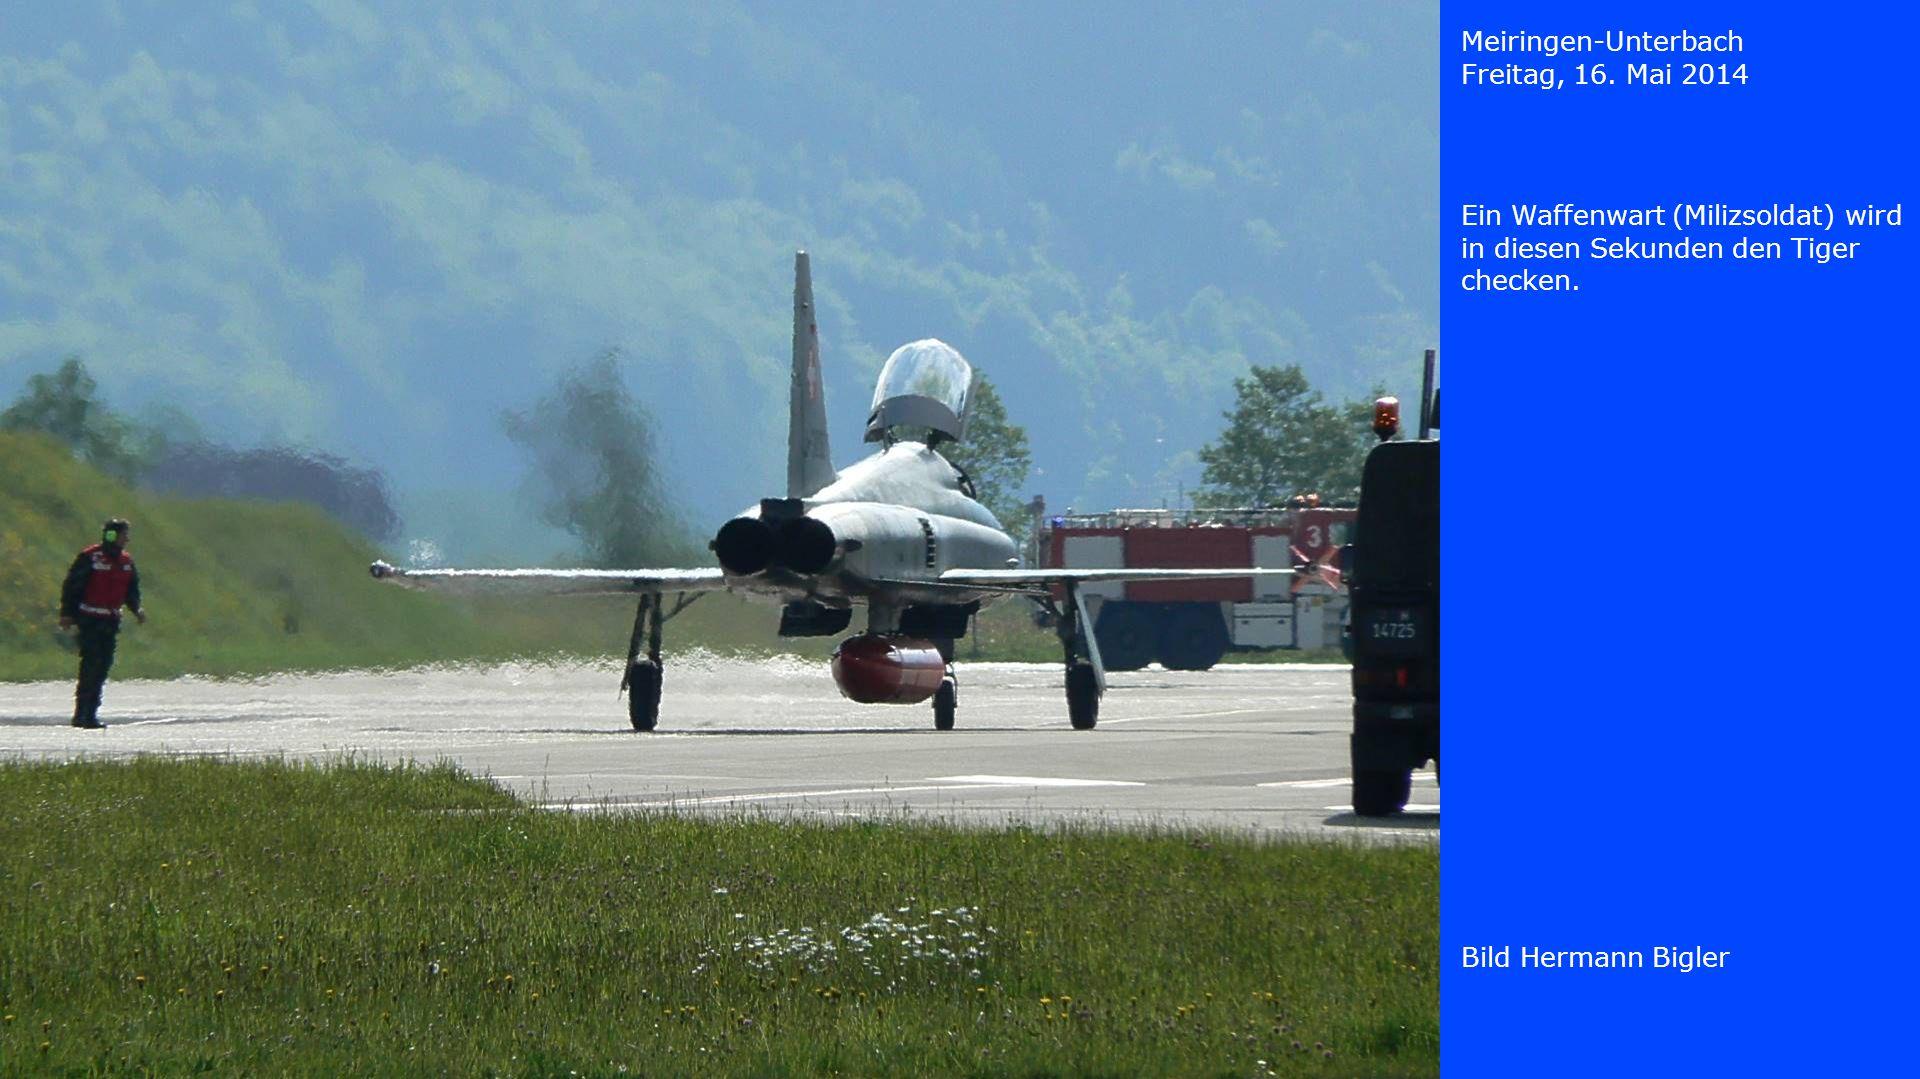 Meiringen-Unterbach Freitag, 16. Mai 2014. Ein Waffenwart (Milizsoldat) wird in diesen Sekunden den Tiger checken.